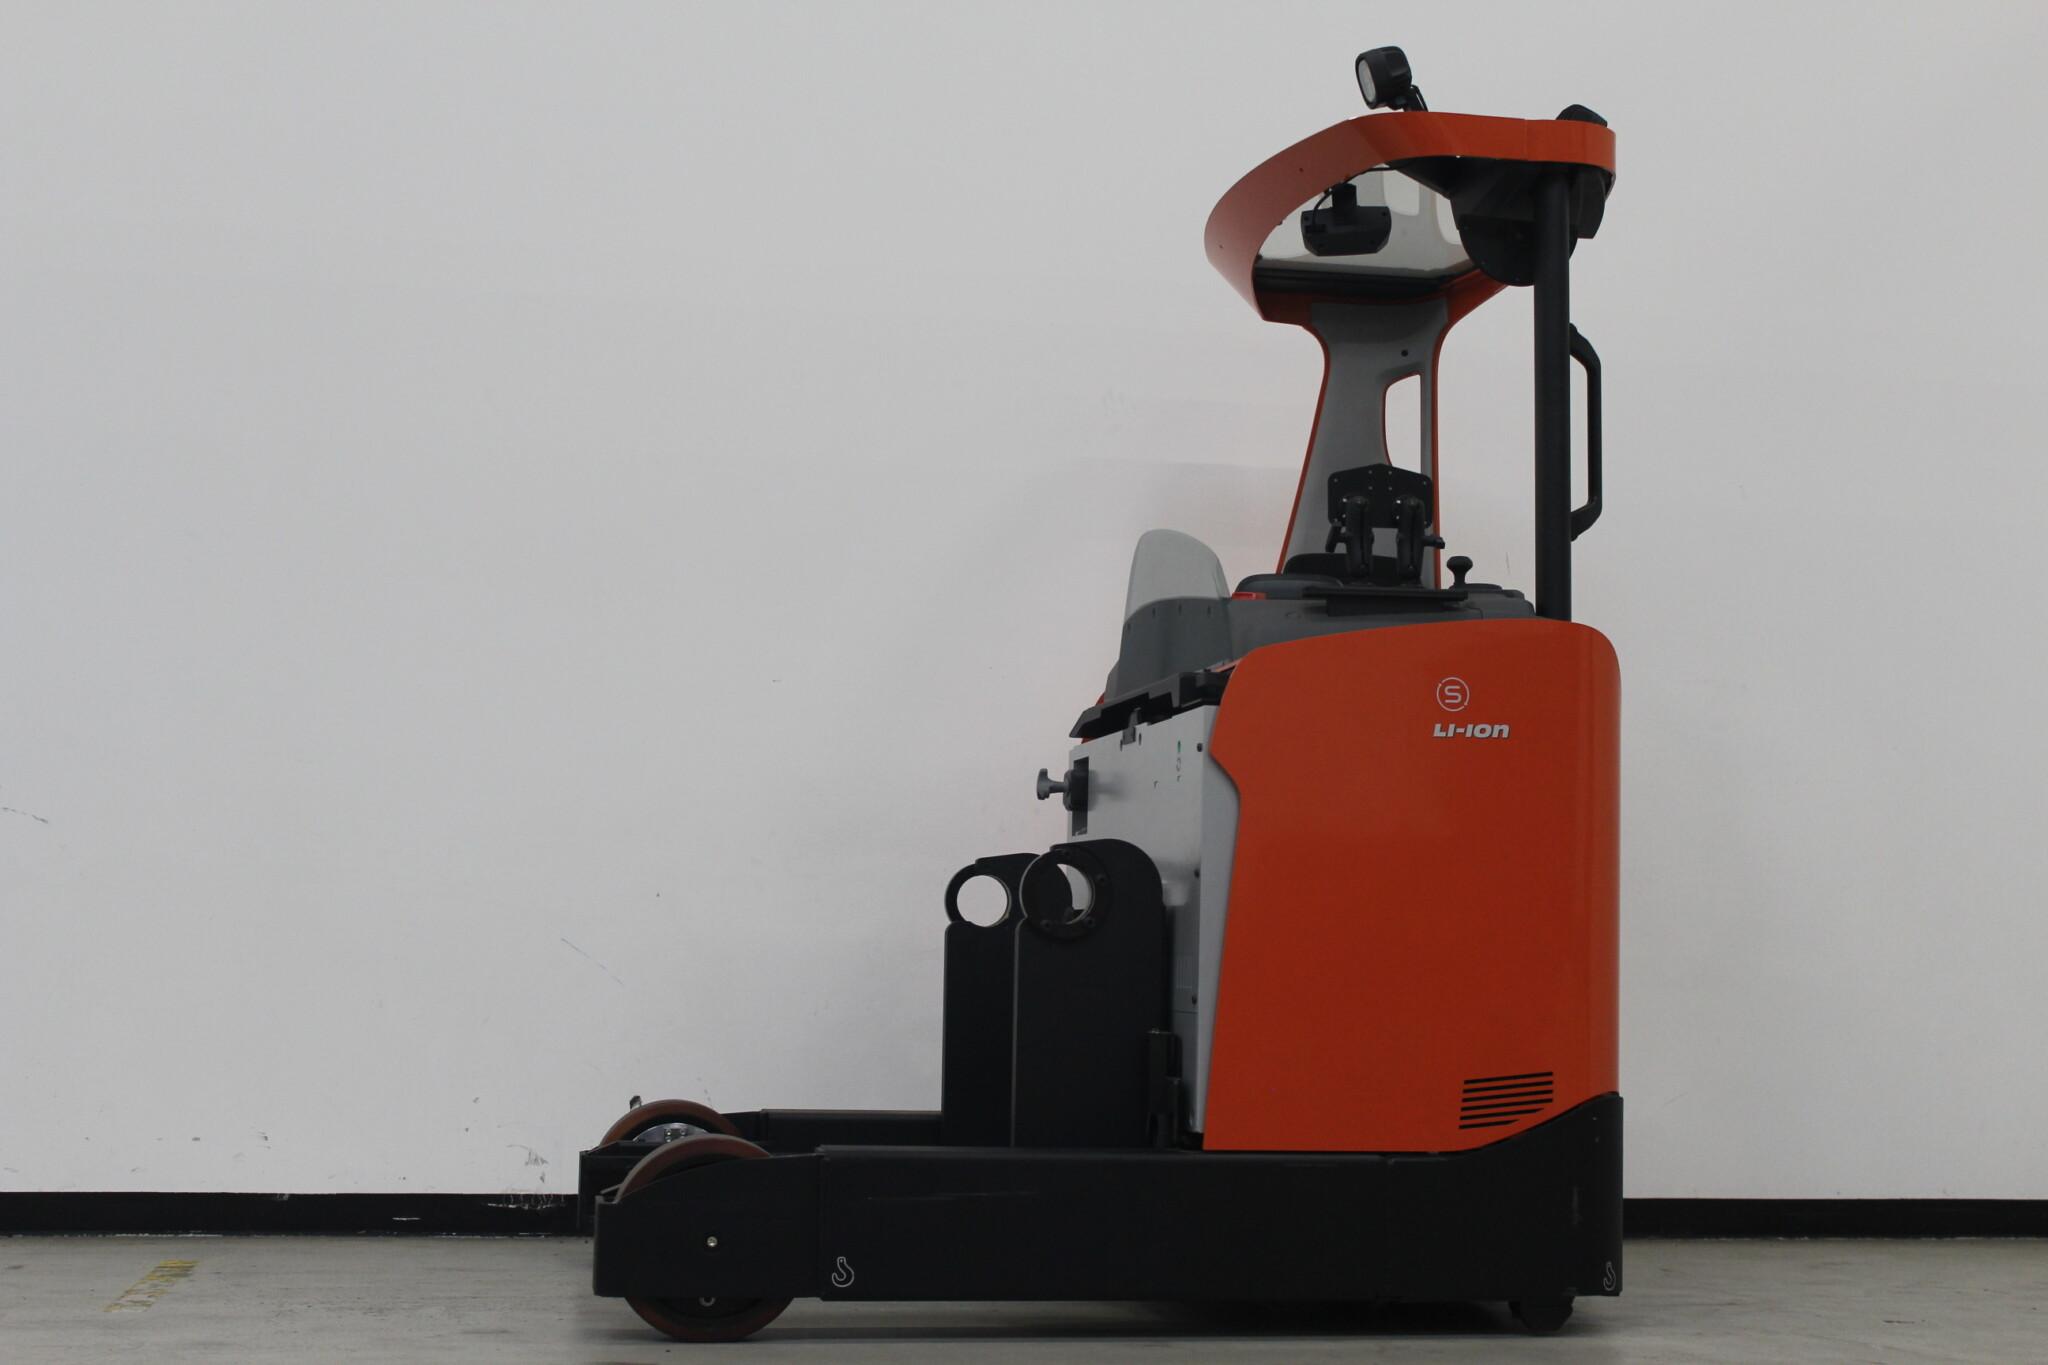 Toyota-Gabelstapler-59840 1907948500 1 scaled